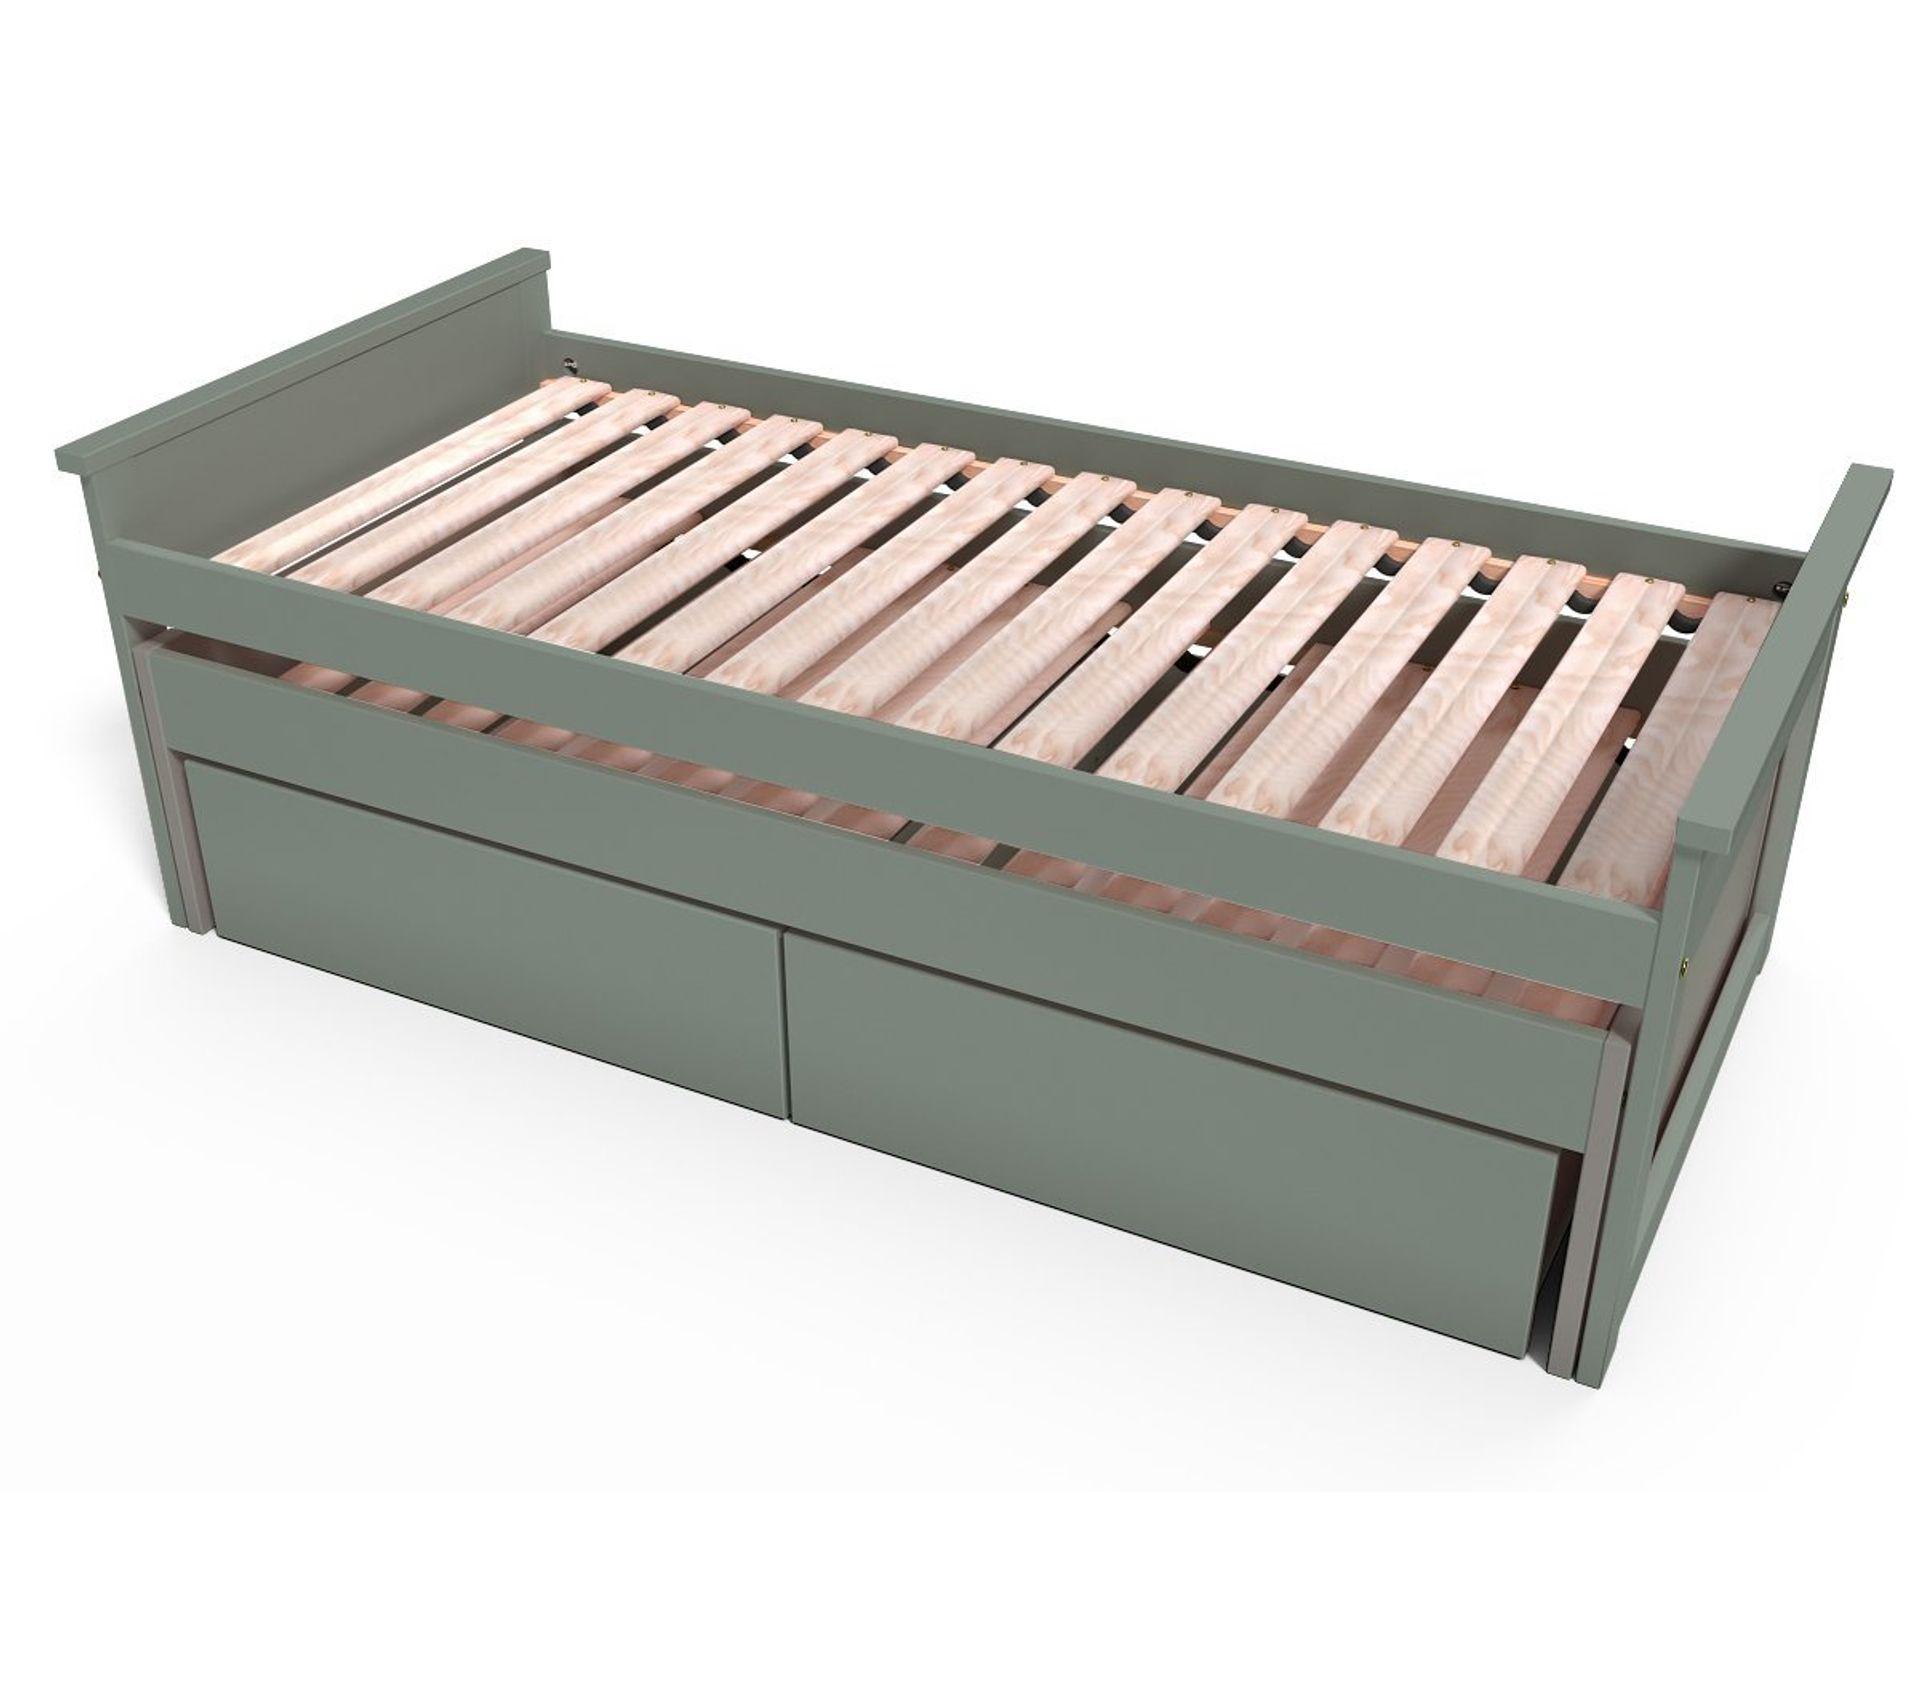 lit gigogne maxi 90 x 200 cm tiroirs couleur gris dimensions 90x200